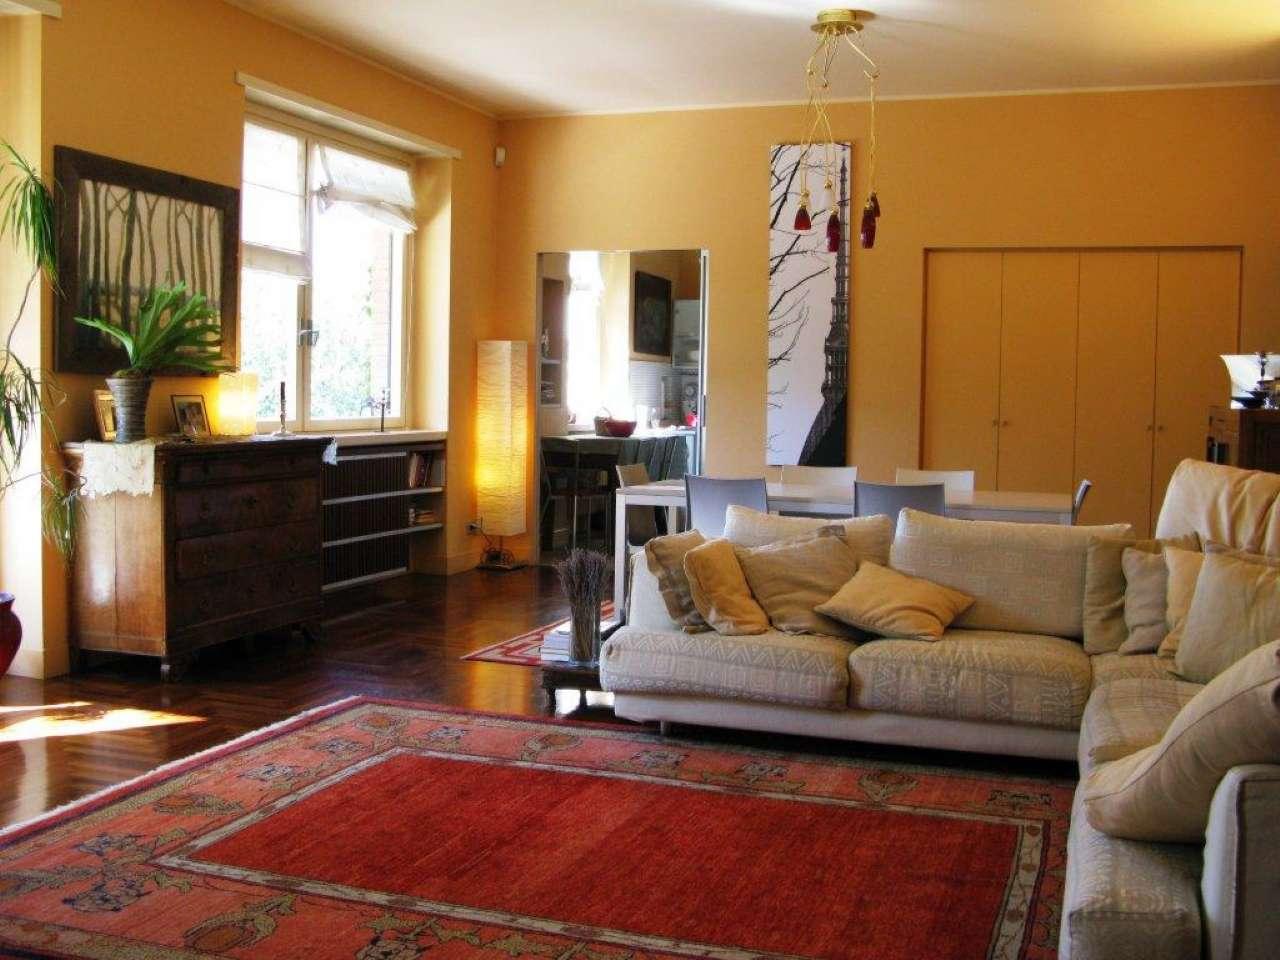 Foto 1 di Appartamento strada Val Salice, Torino (zona Precollina, Collina)